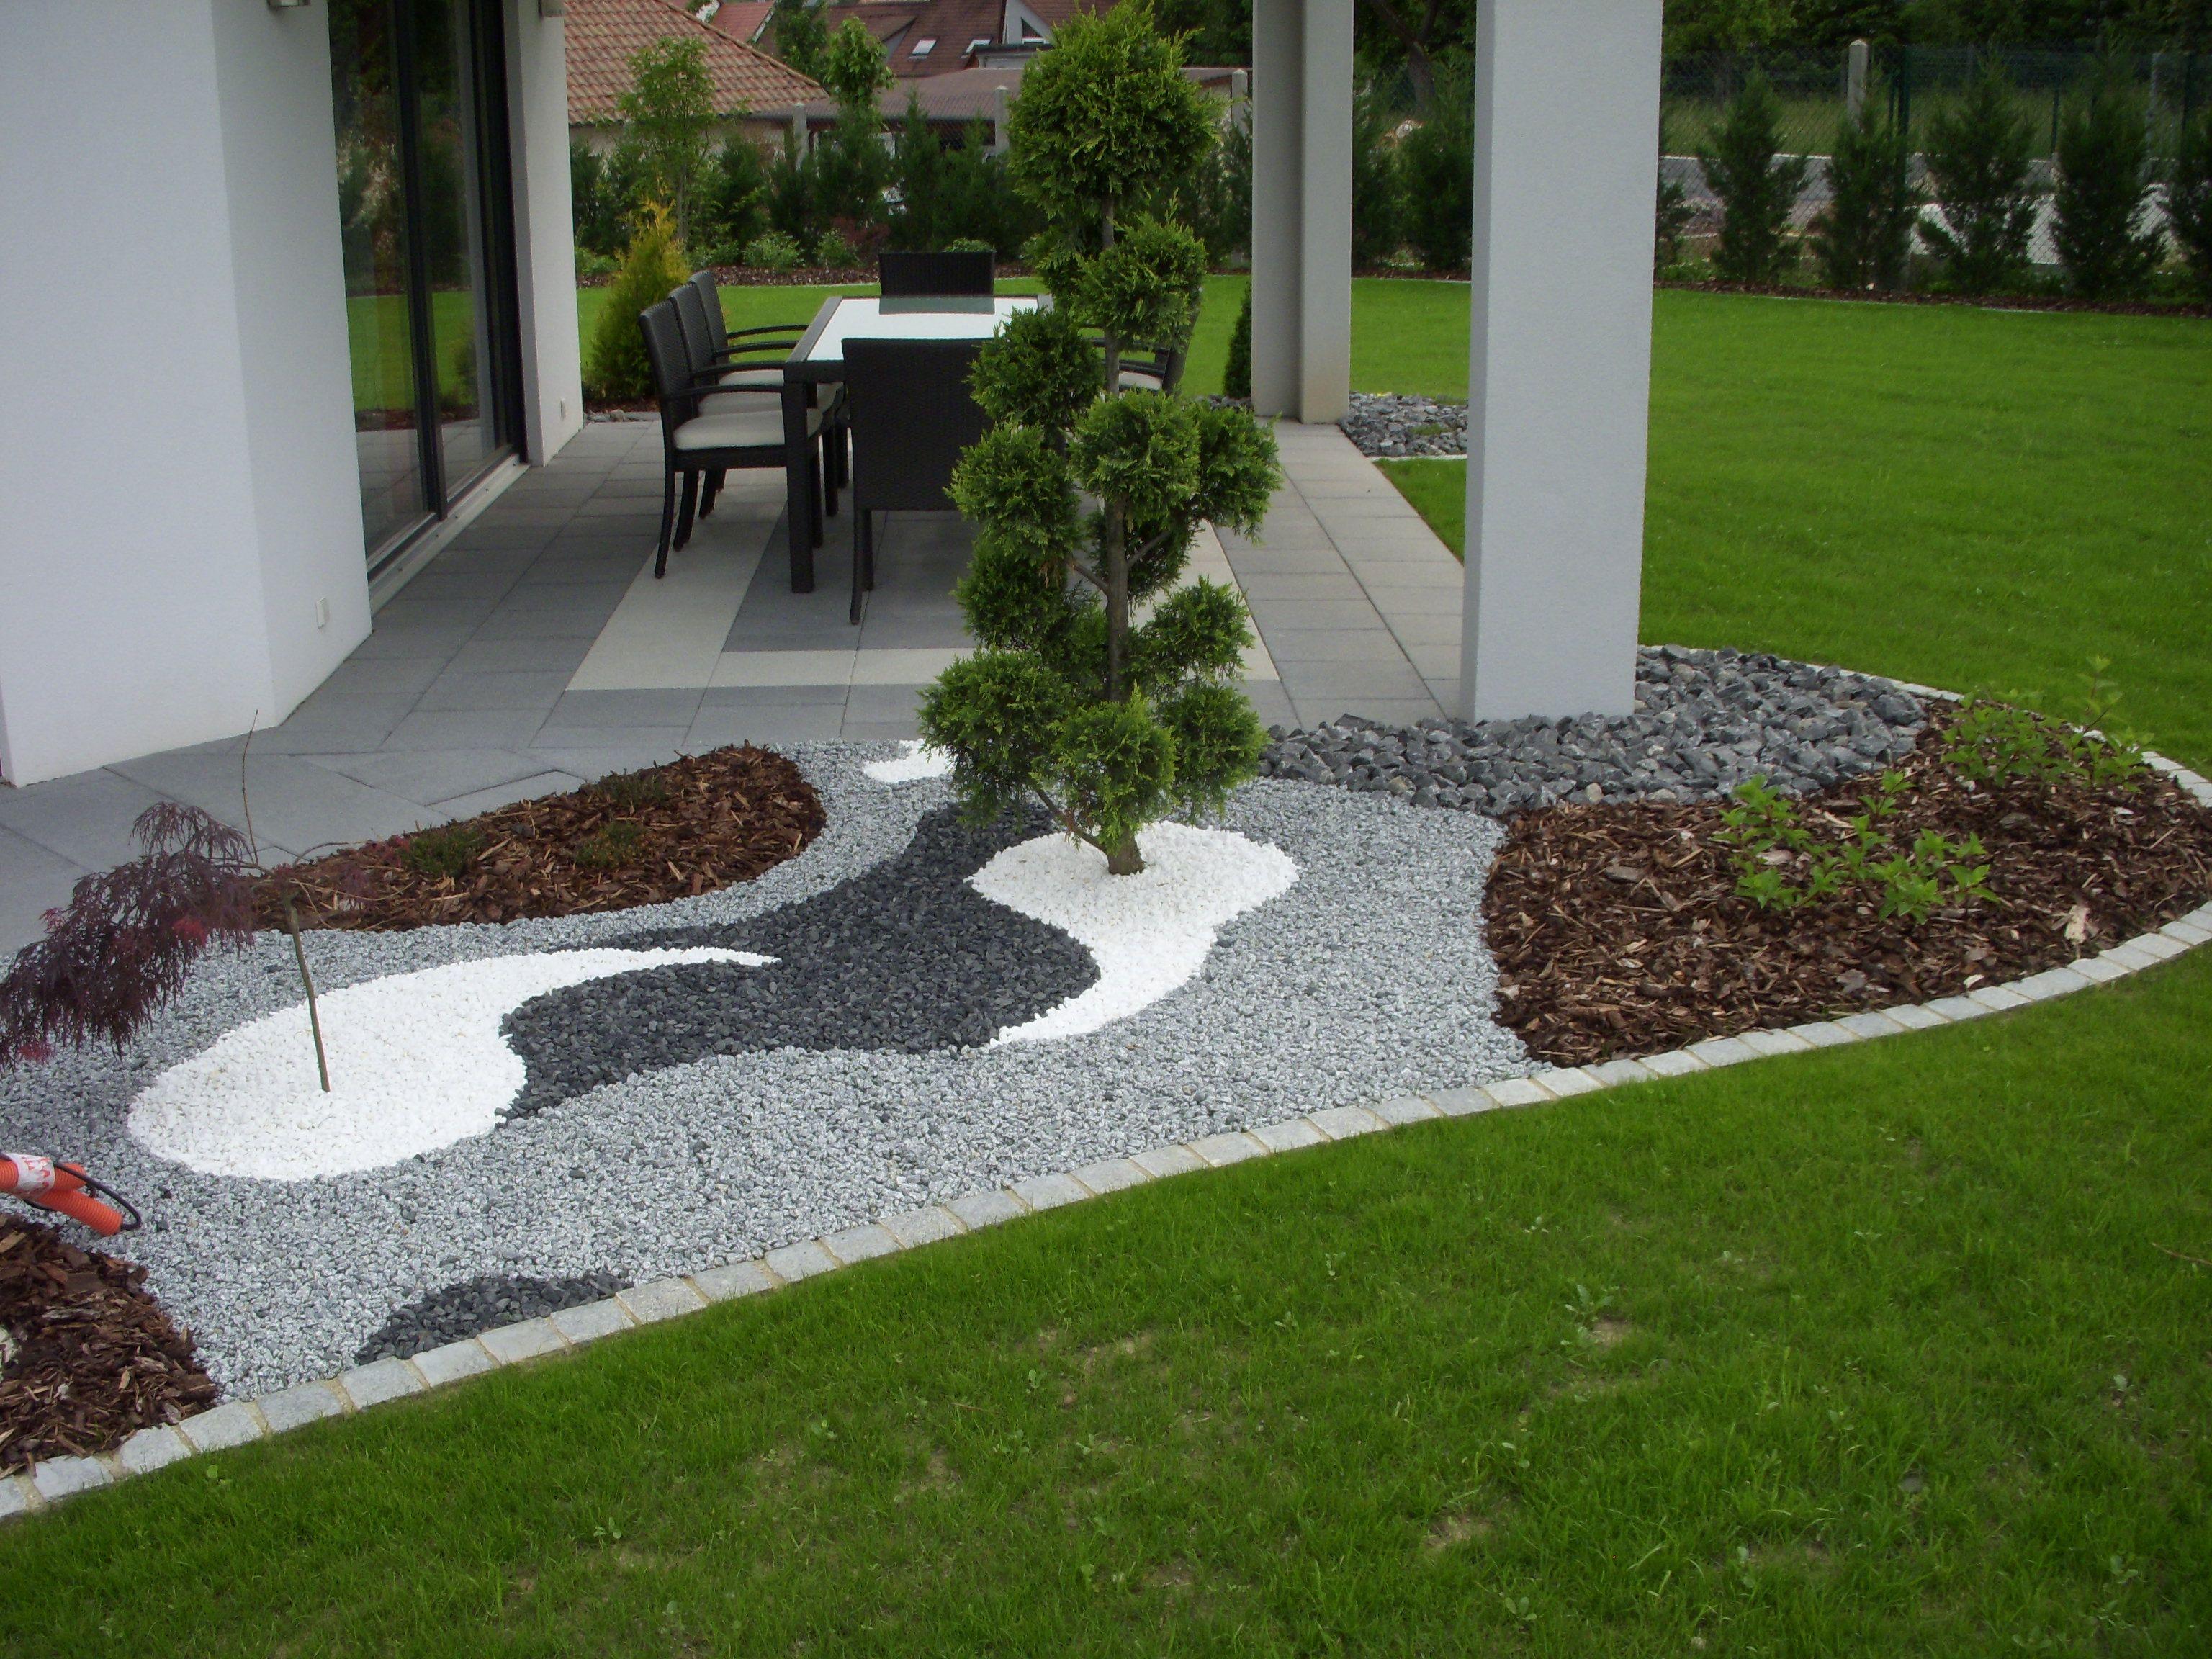 20012f2804c6aaf08d284844e3f30101 Unique De Amenagement Jardin Paysager Des Idées